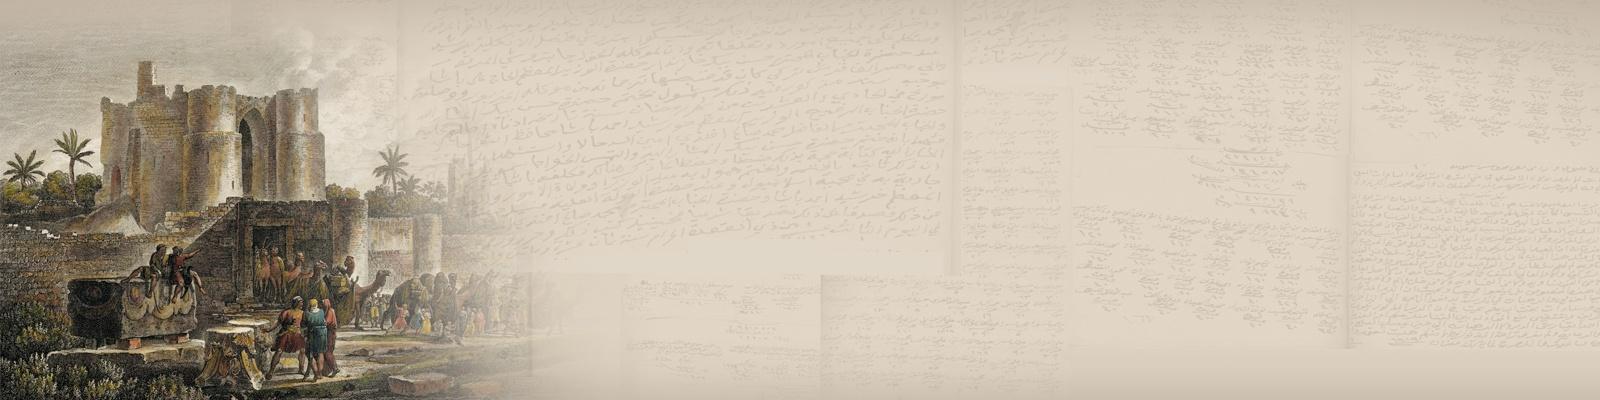 حفل إصدار كتاب «حكاية وثيقة، مختارات من وثائق محكمة الإسكندرية الشرعية في العصر العثماني»